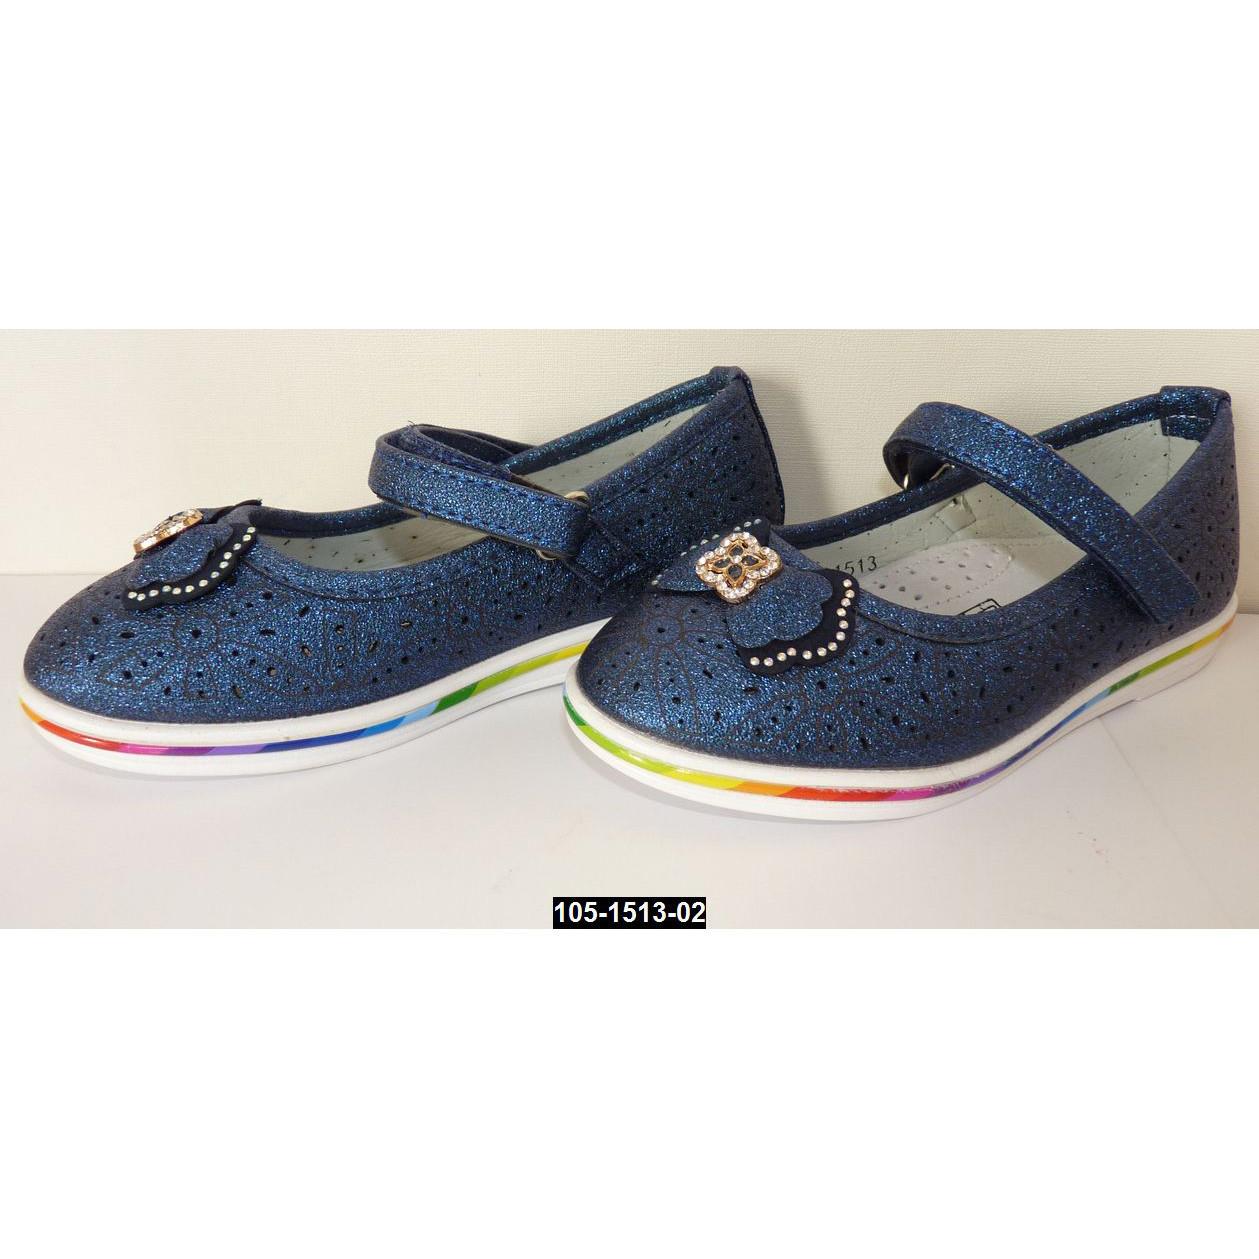 Нарядные туфли для девочки, 26 размер (16.3 см), кожаная стелька, супинатор, праздничные туфельки на выпускной